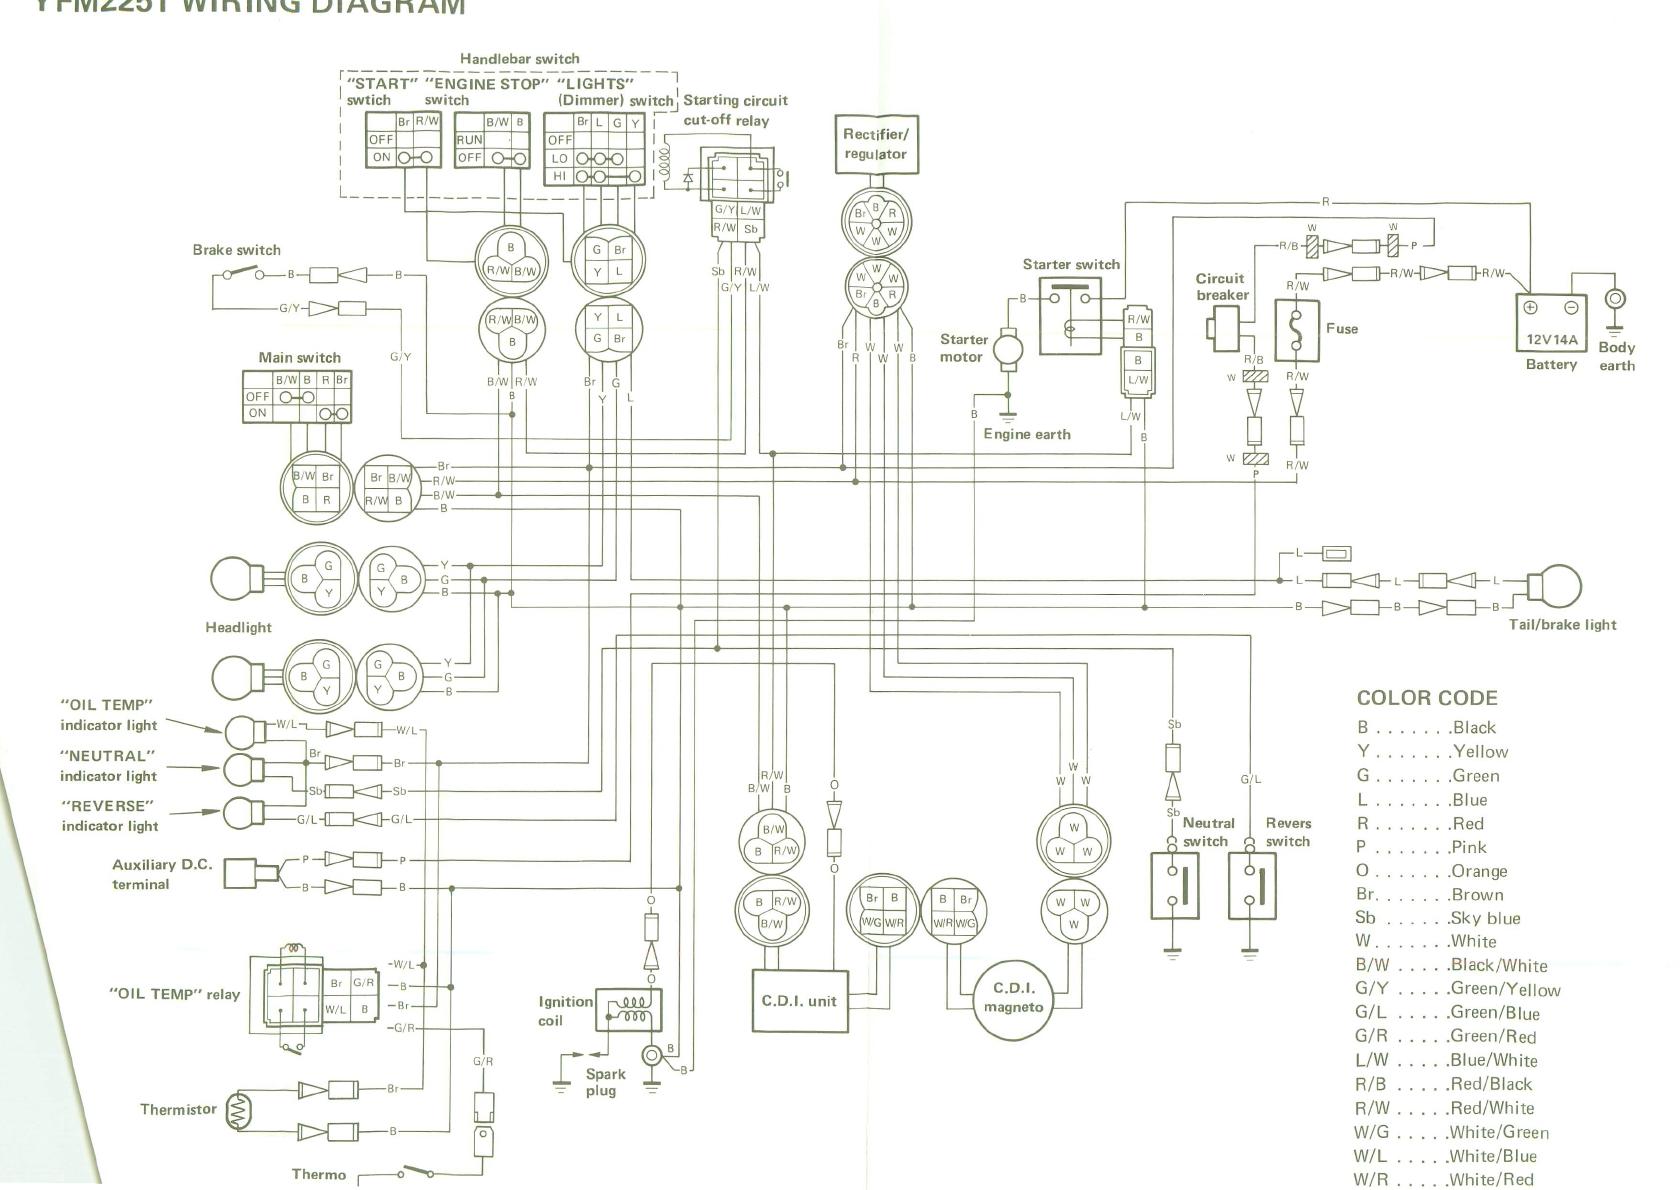 2003 honda cbr600rr wiring harness diagram 2002 cbr600f4i